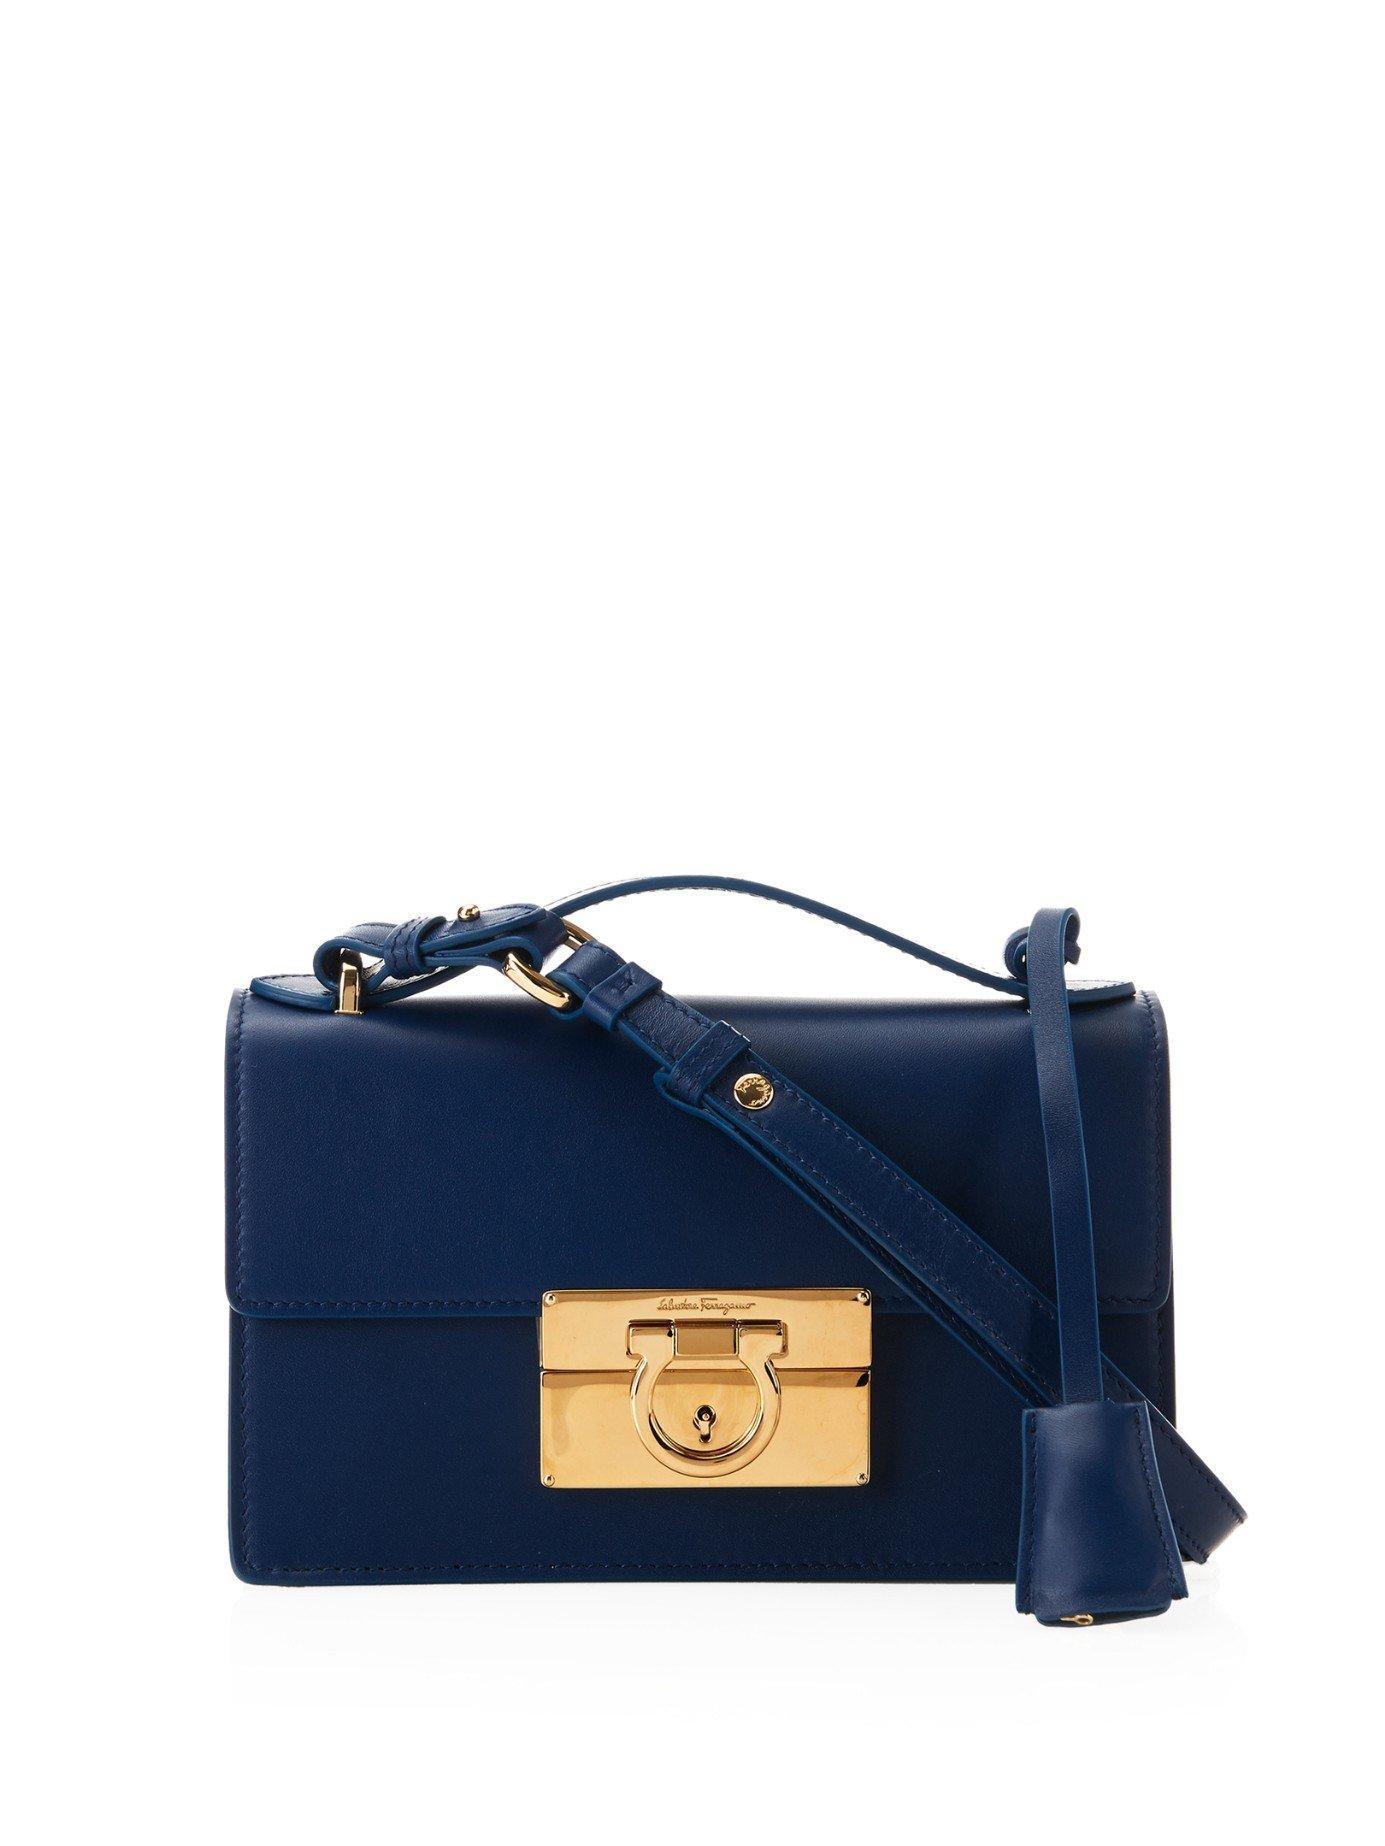 f79074785e6d Lyst - Ferragamo Aileen Small Leather Cross-body Bag in Blue